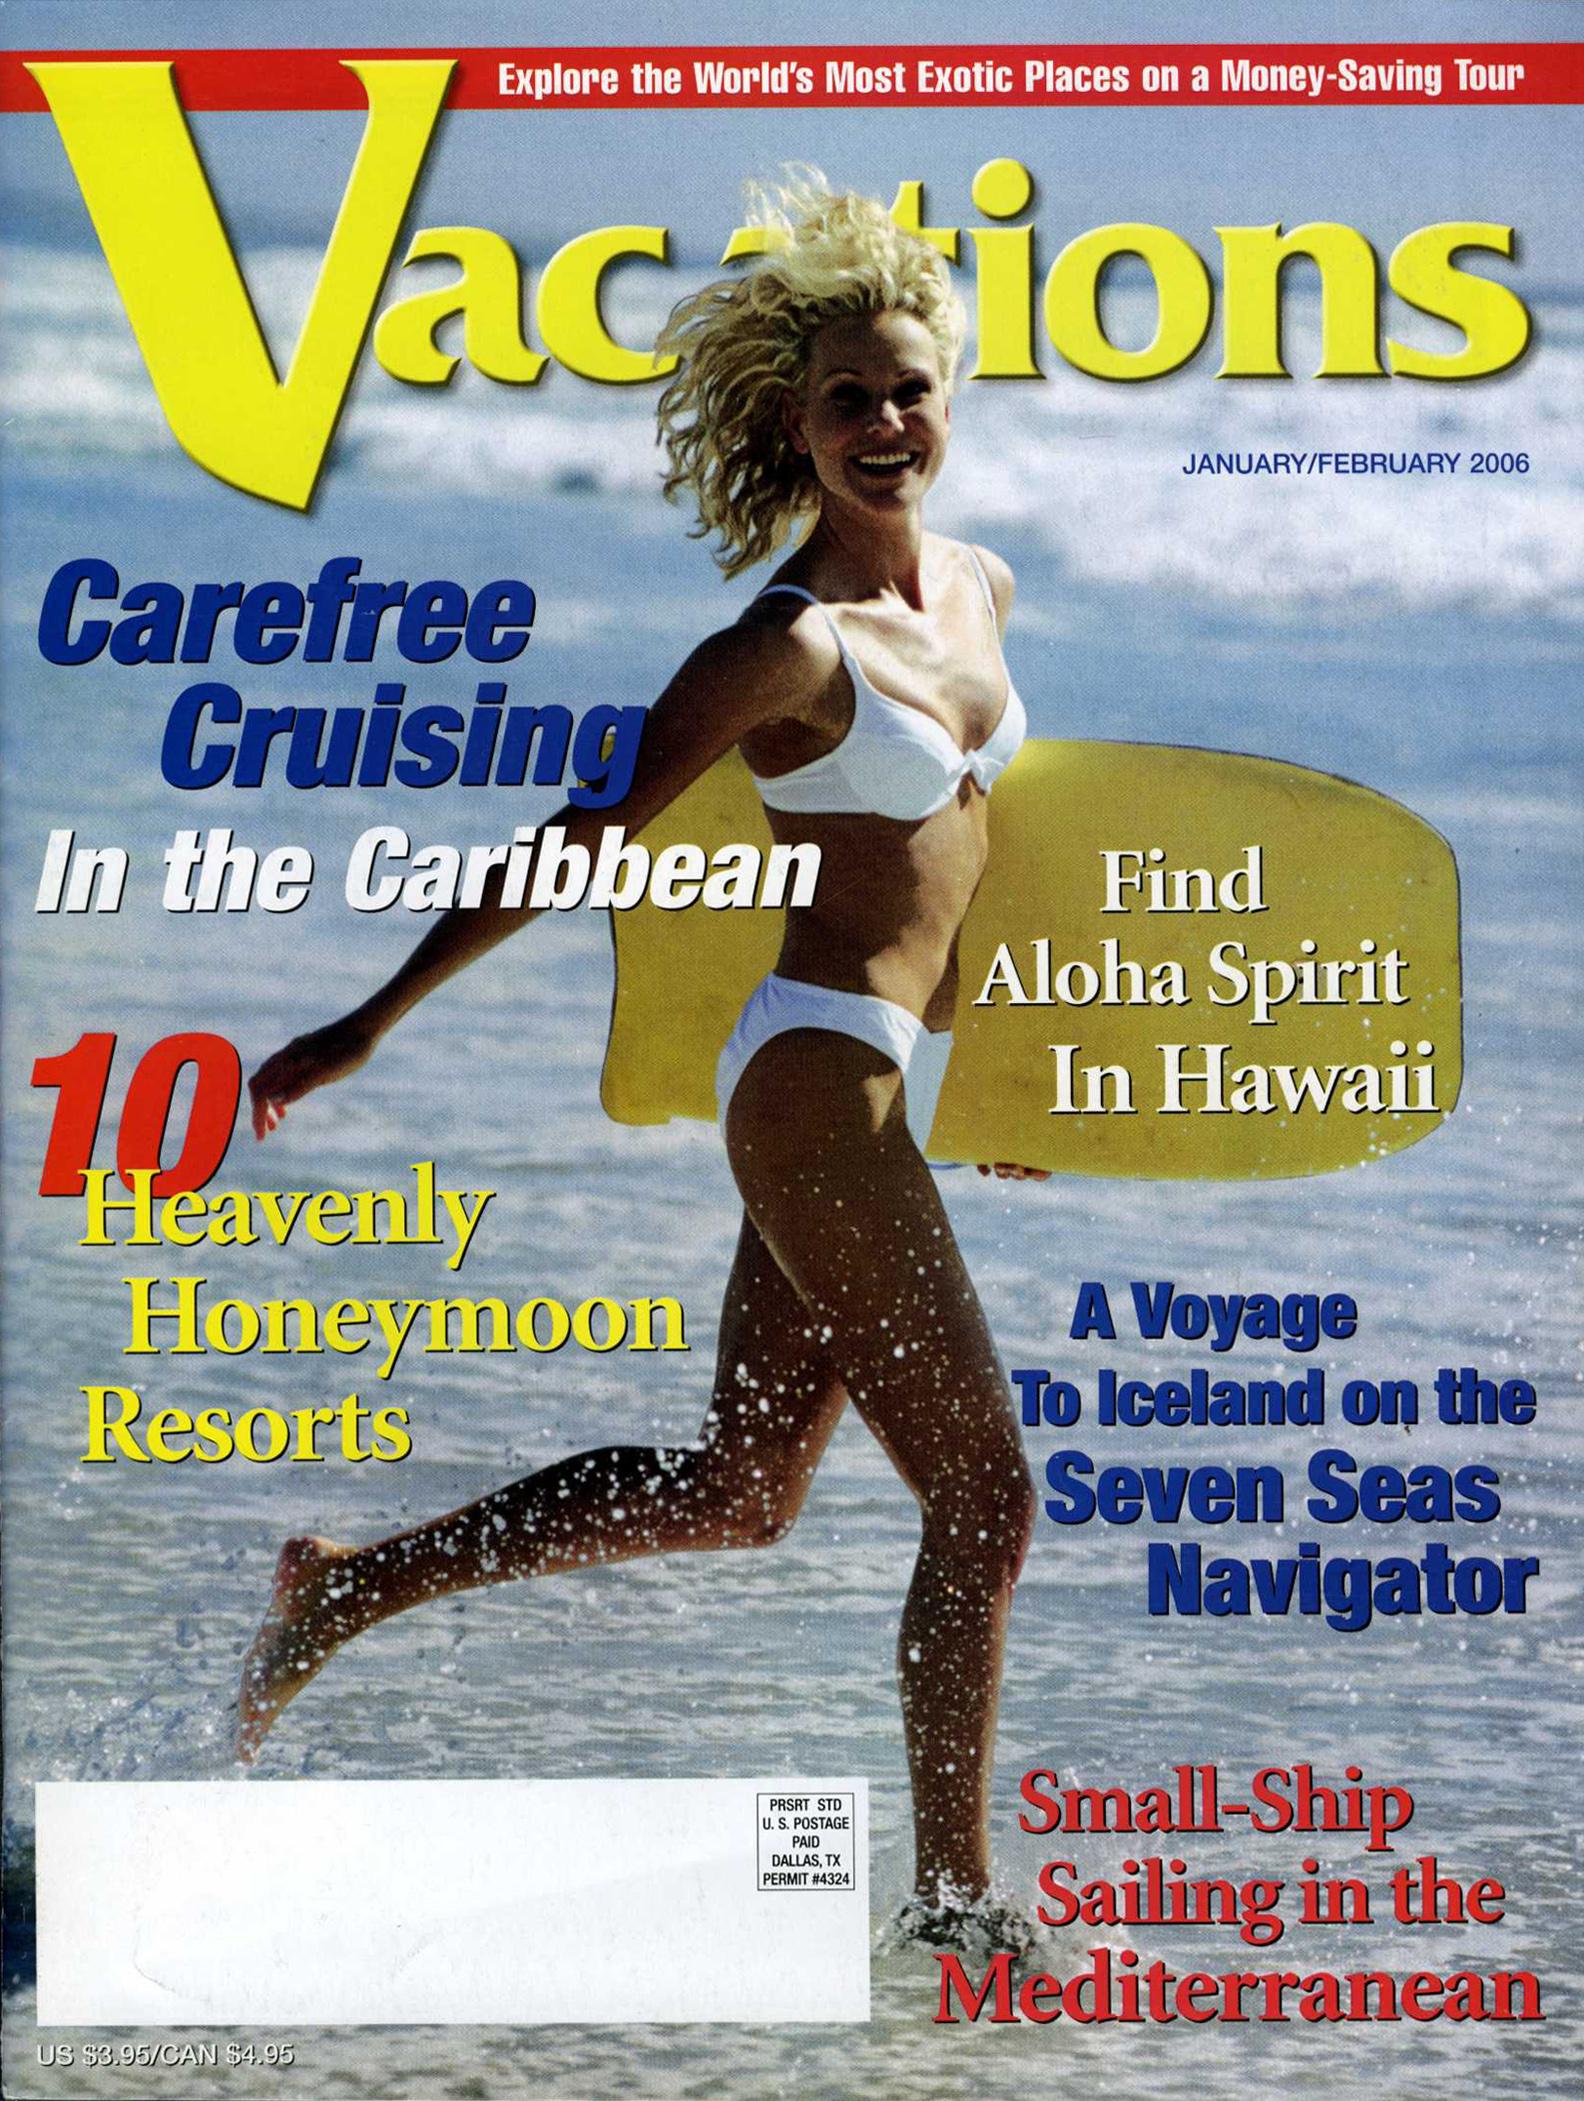 01-02_COVER_VACS_EMEA_advertorial